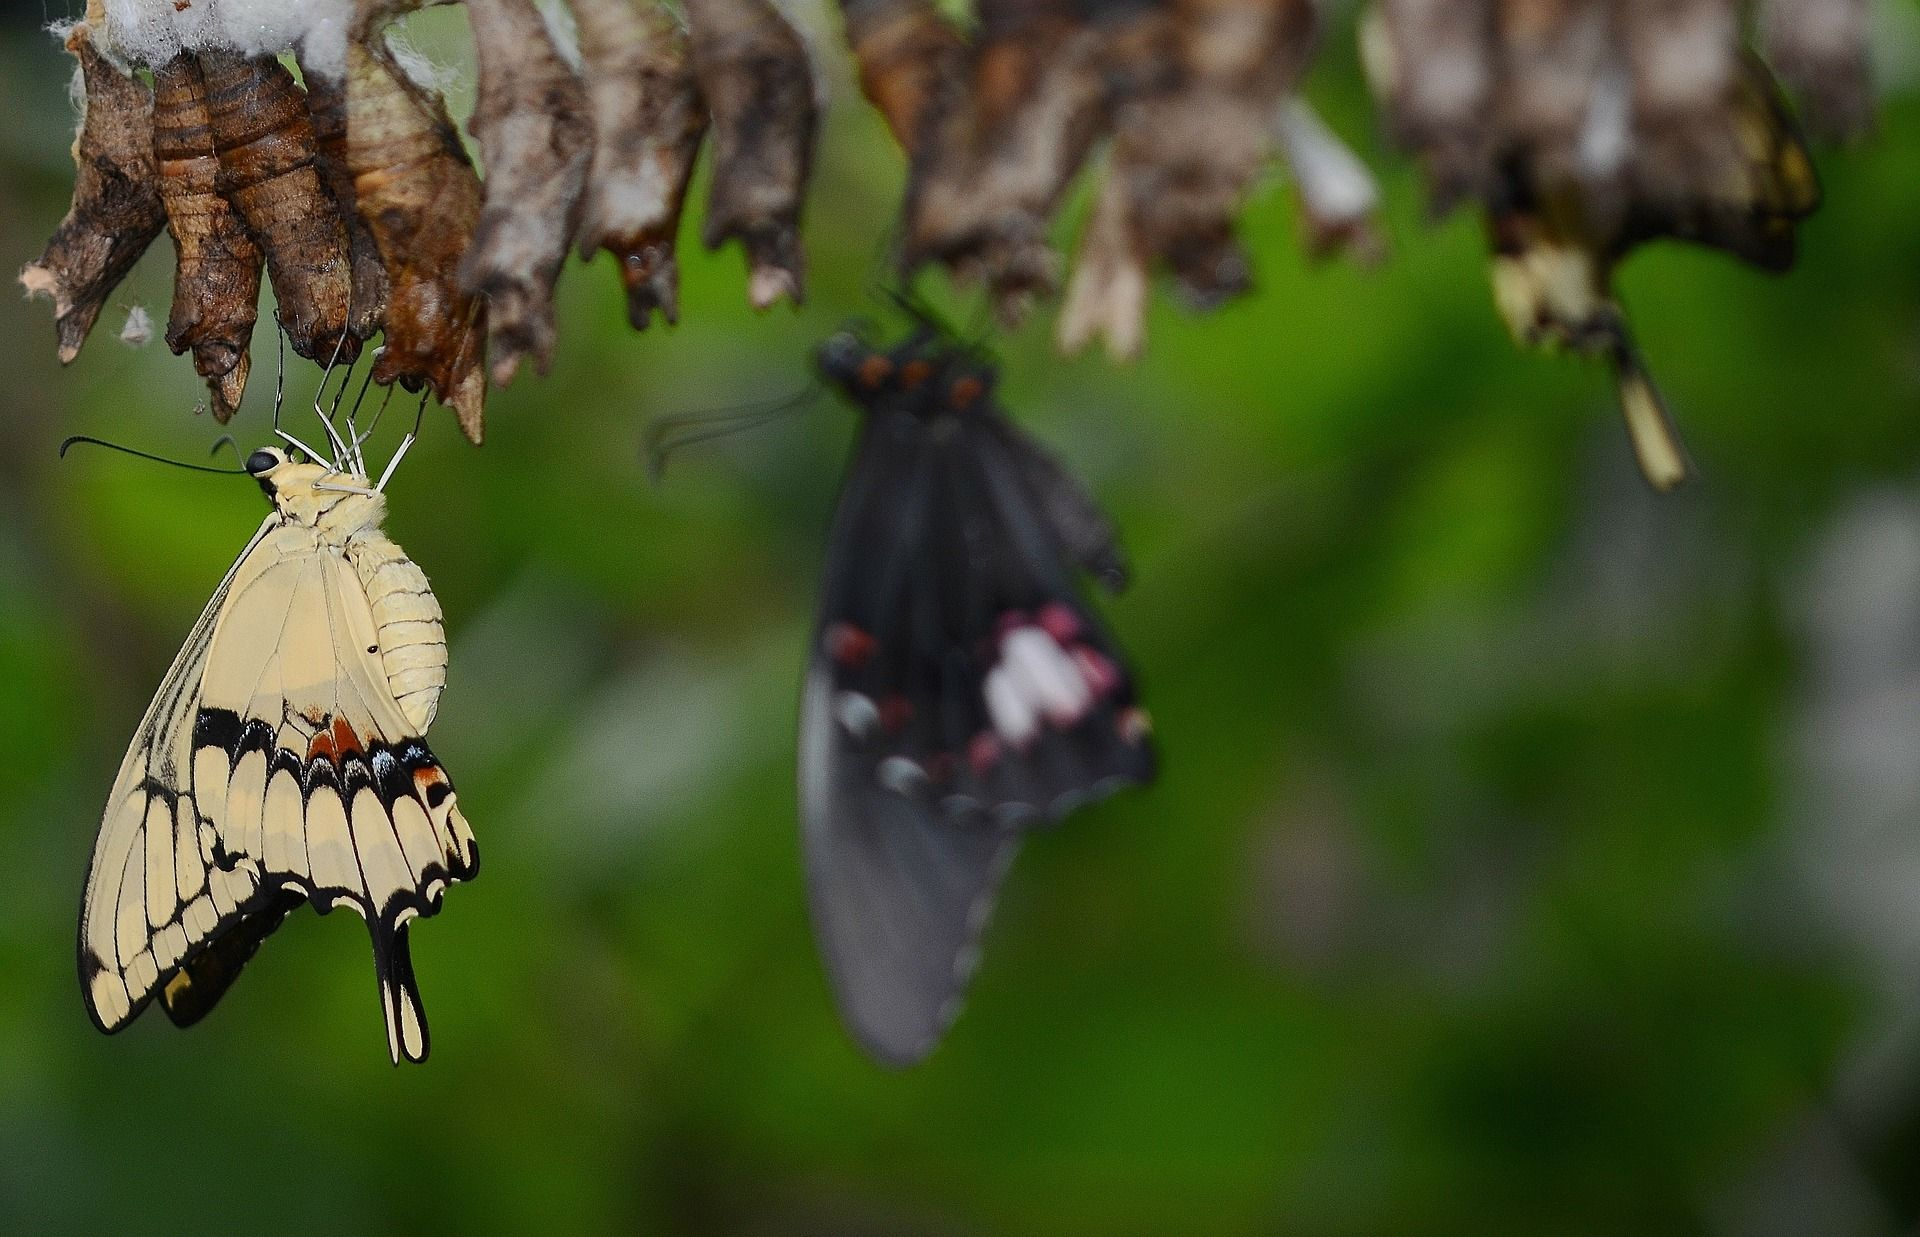 swallowtail-butterfly-329377_1920.jpg